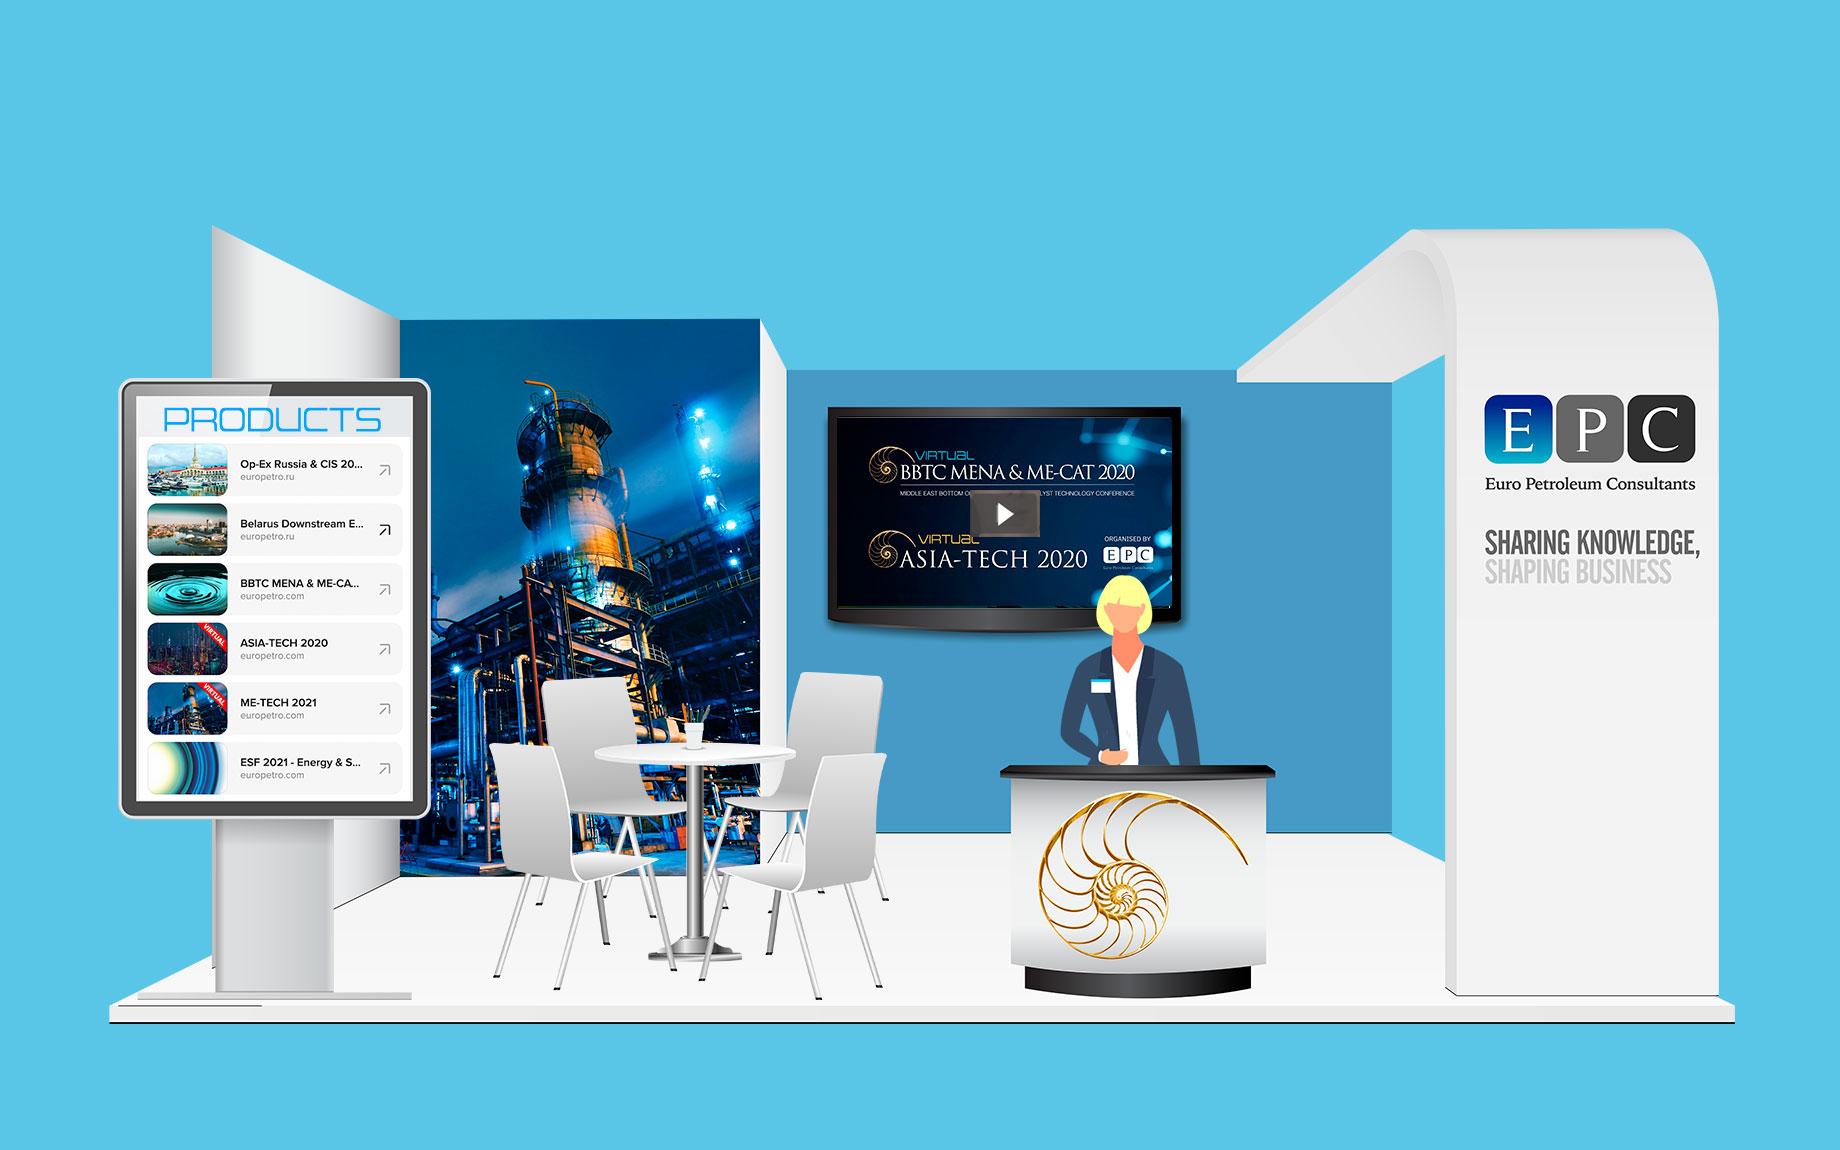 EPC Virtual Stand